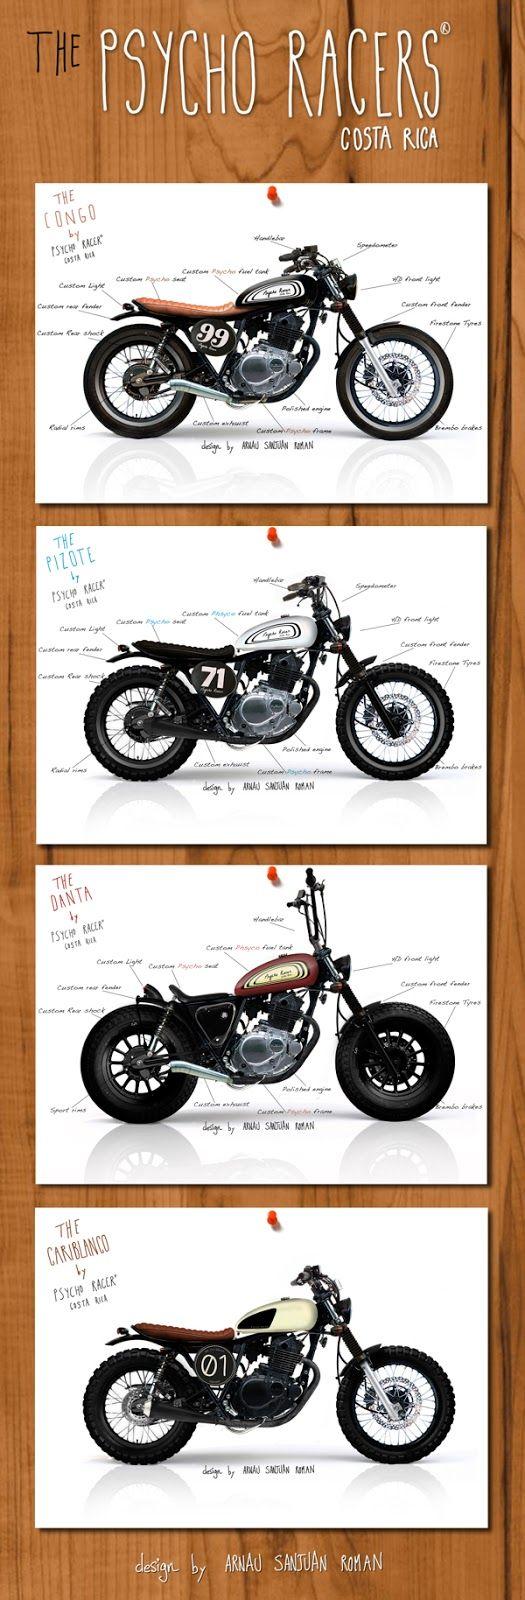 Blog sobre motos (cafe-racer, clásicas), coches (clásicos, concept), música (rock, electrónica), diseño, arte...